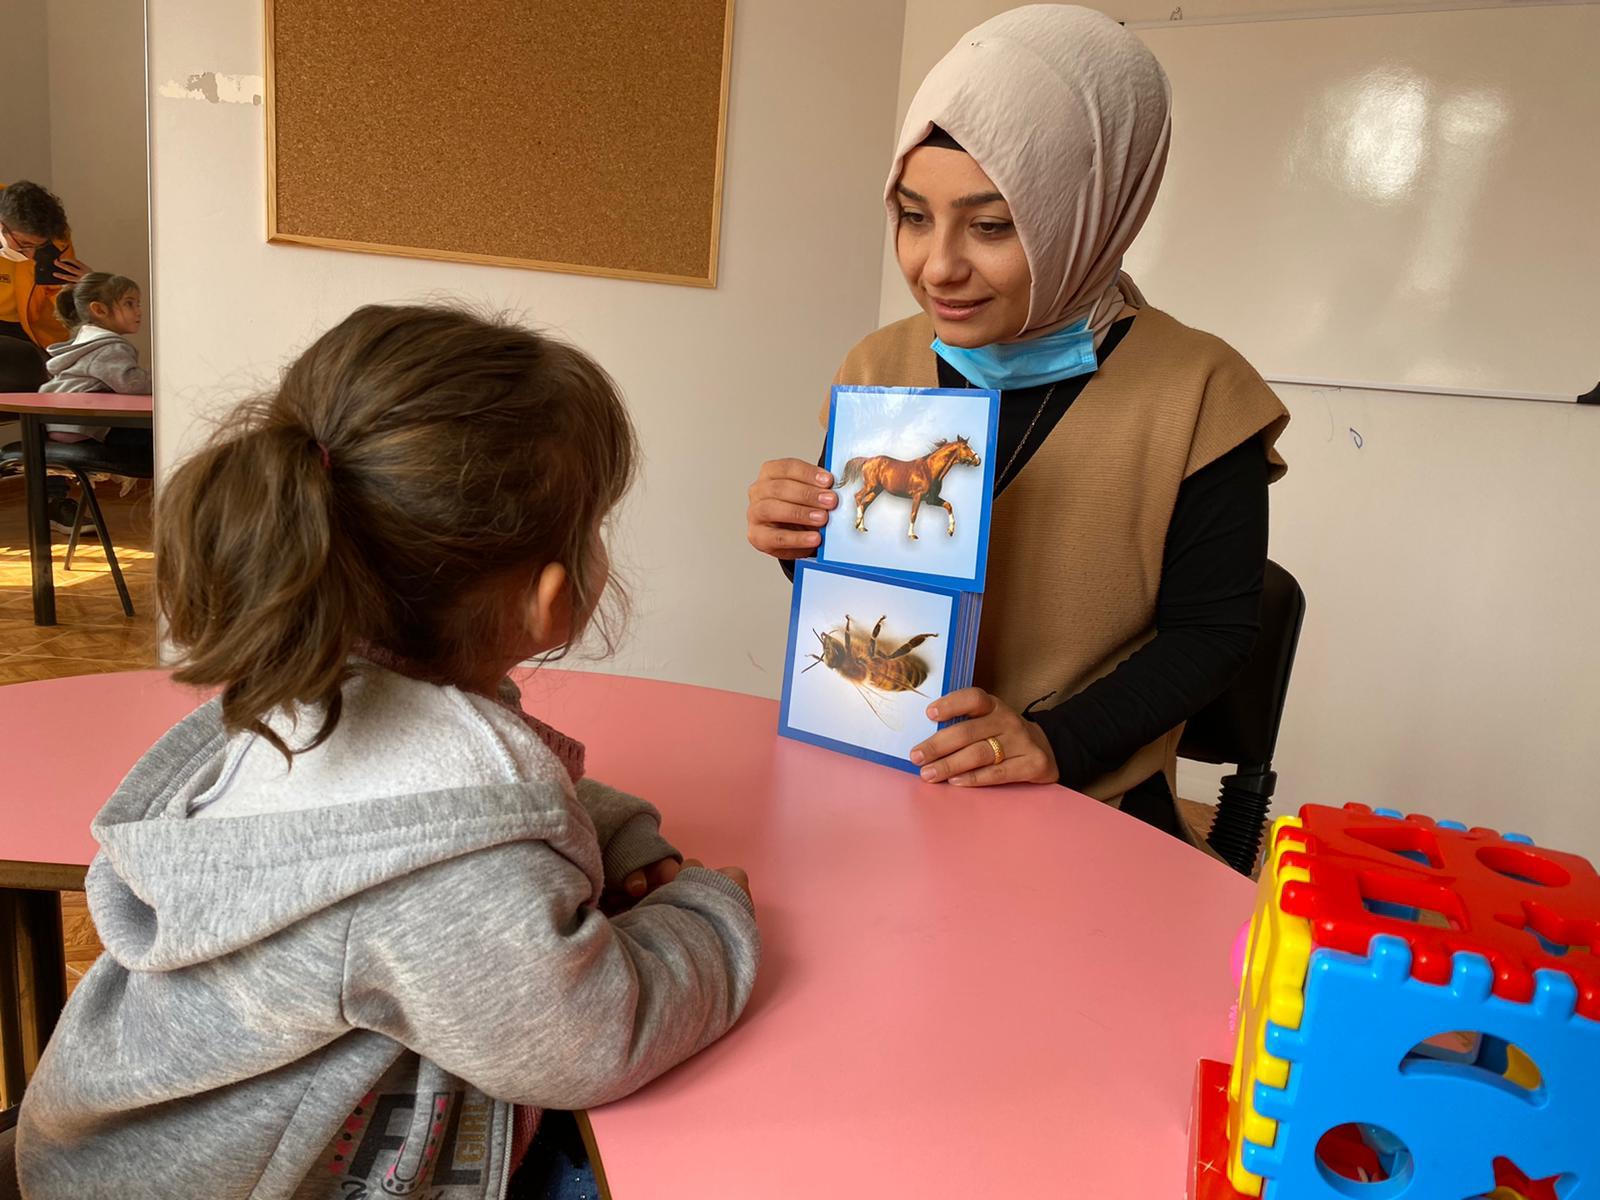 Ata Özel Eğitim Rehabilitasyon Merkezi: Veli ile öğretmen işbirliğinde daha hızlı ilerleme kaydediliyor